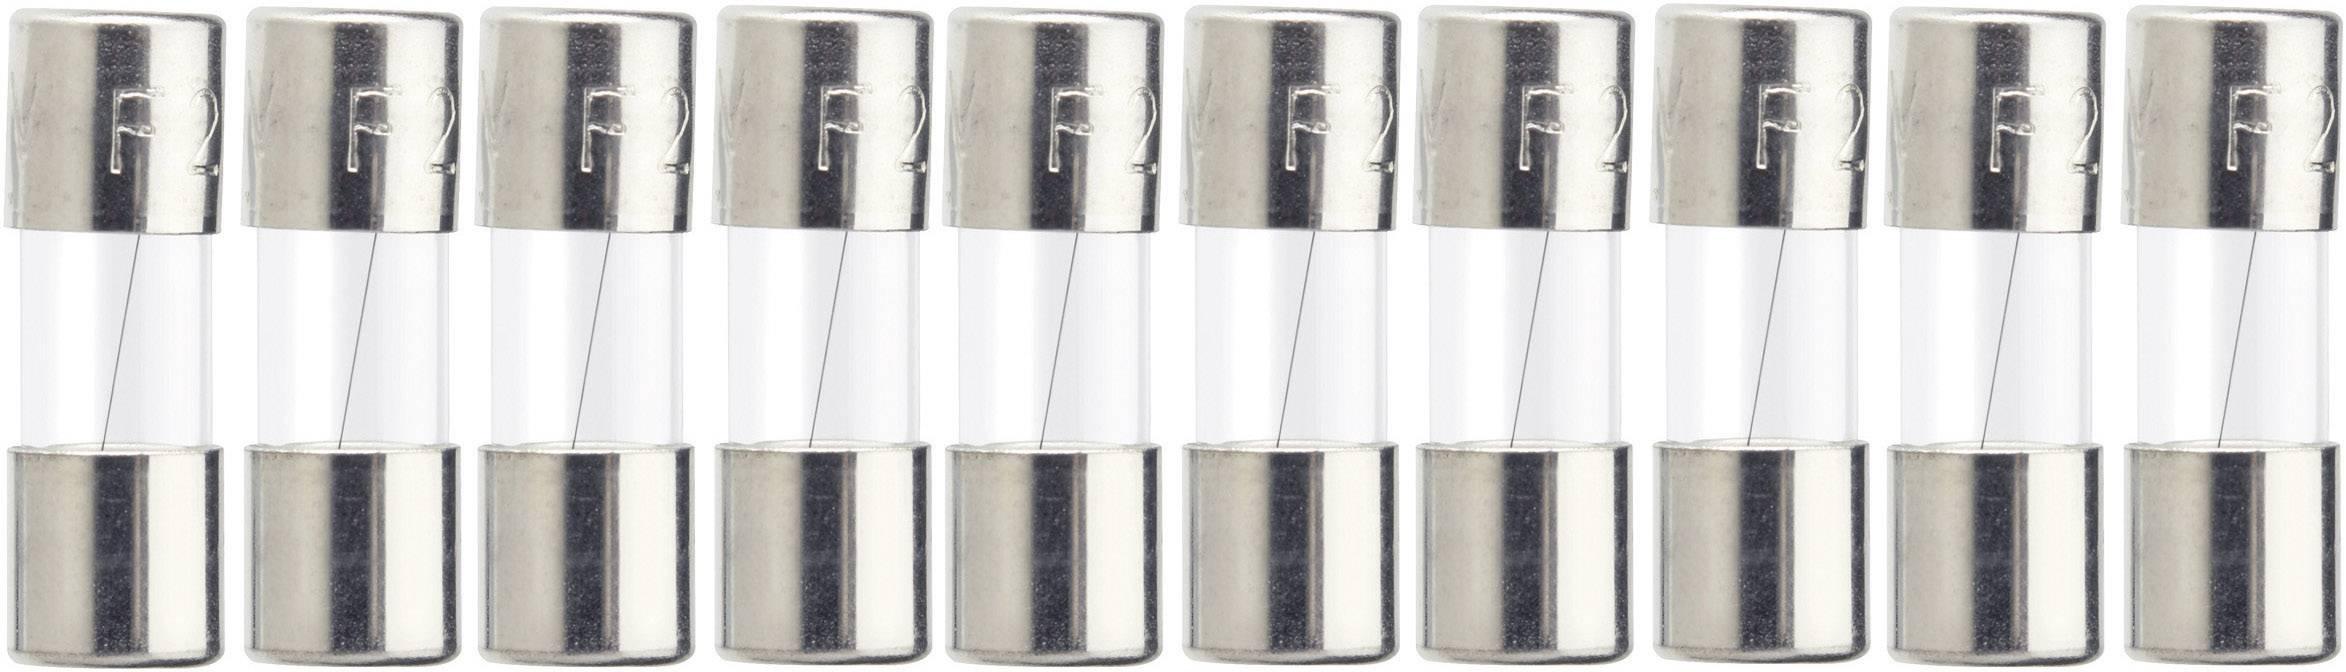 Jemná poistka ESKA 515610, 0.2 A, 250 V, (Ø x d) 5 mm x 15 mm, rýchly -F-, 10 ks